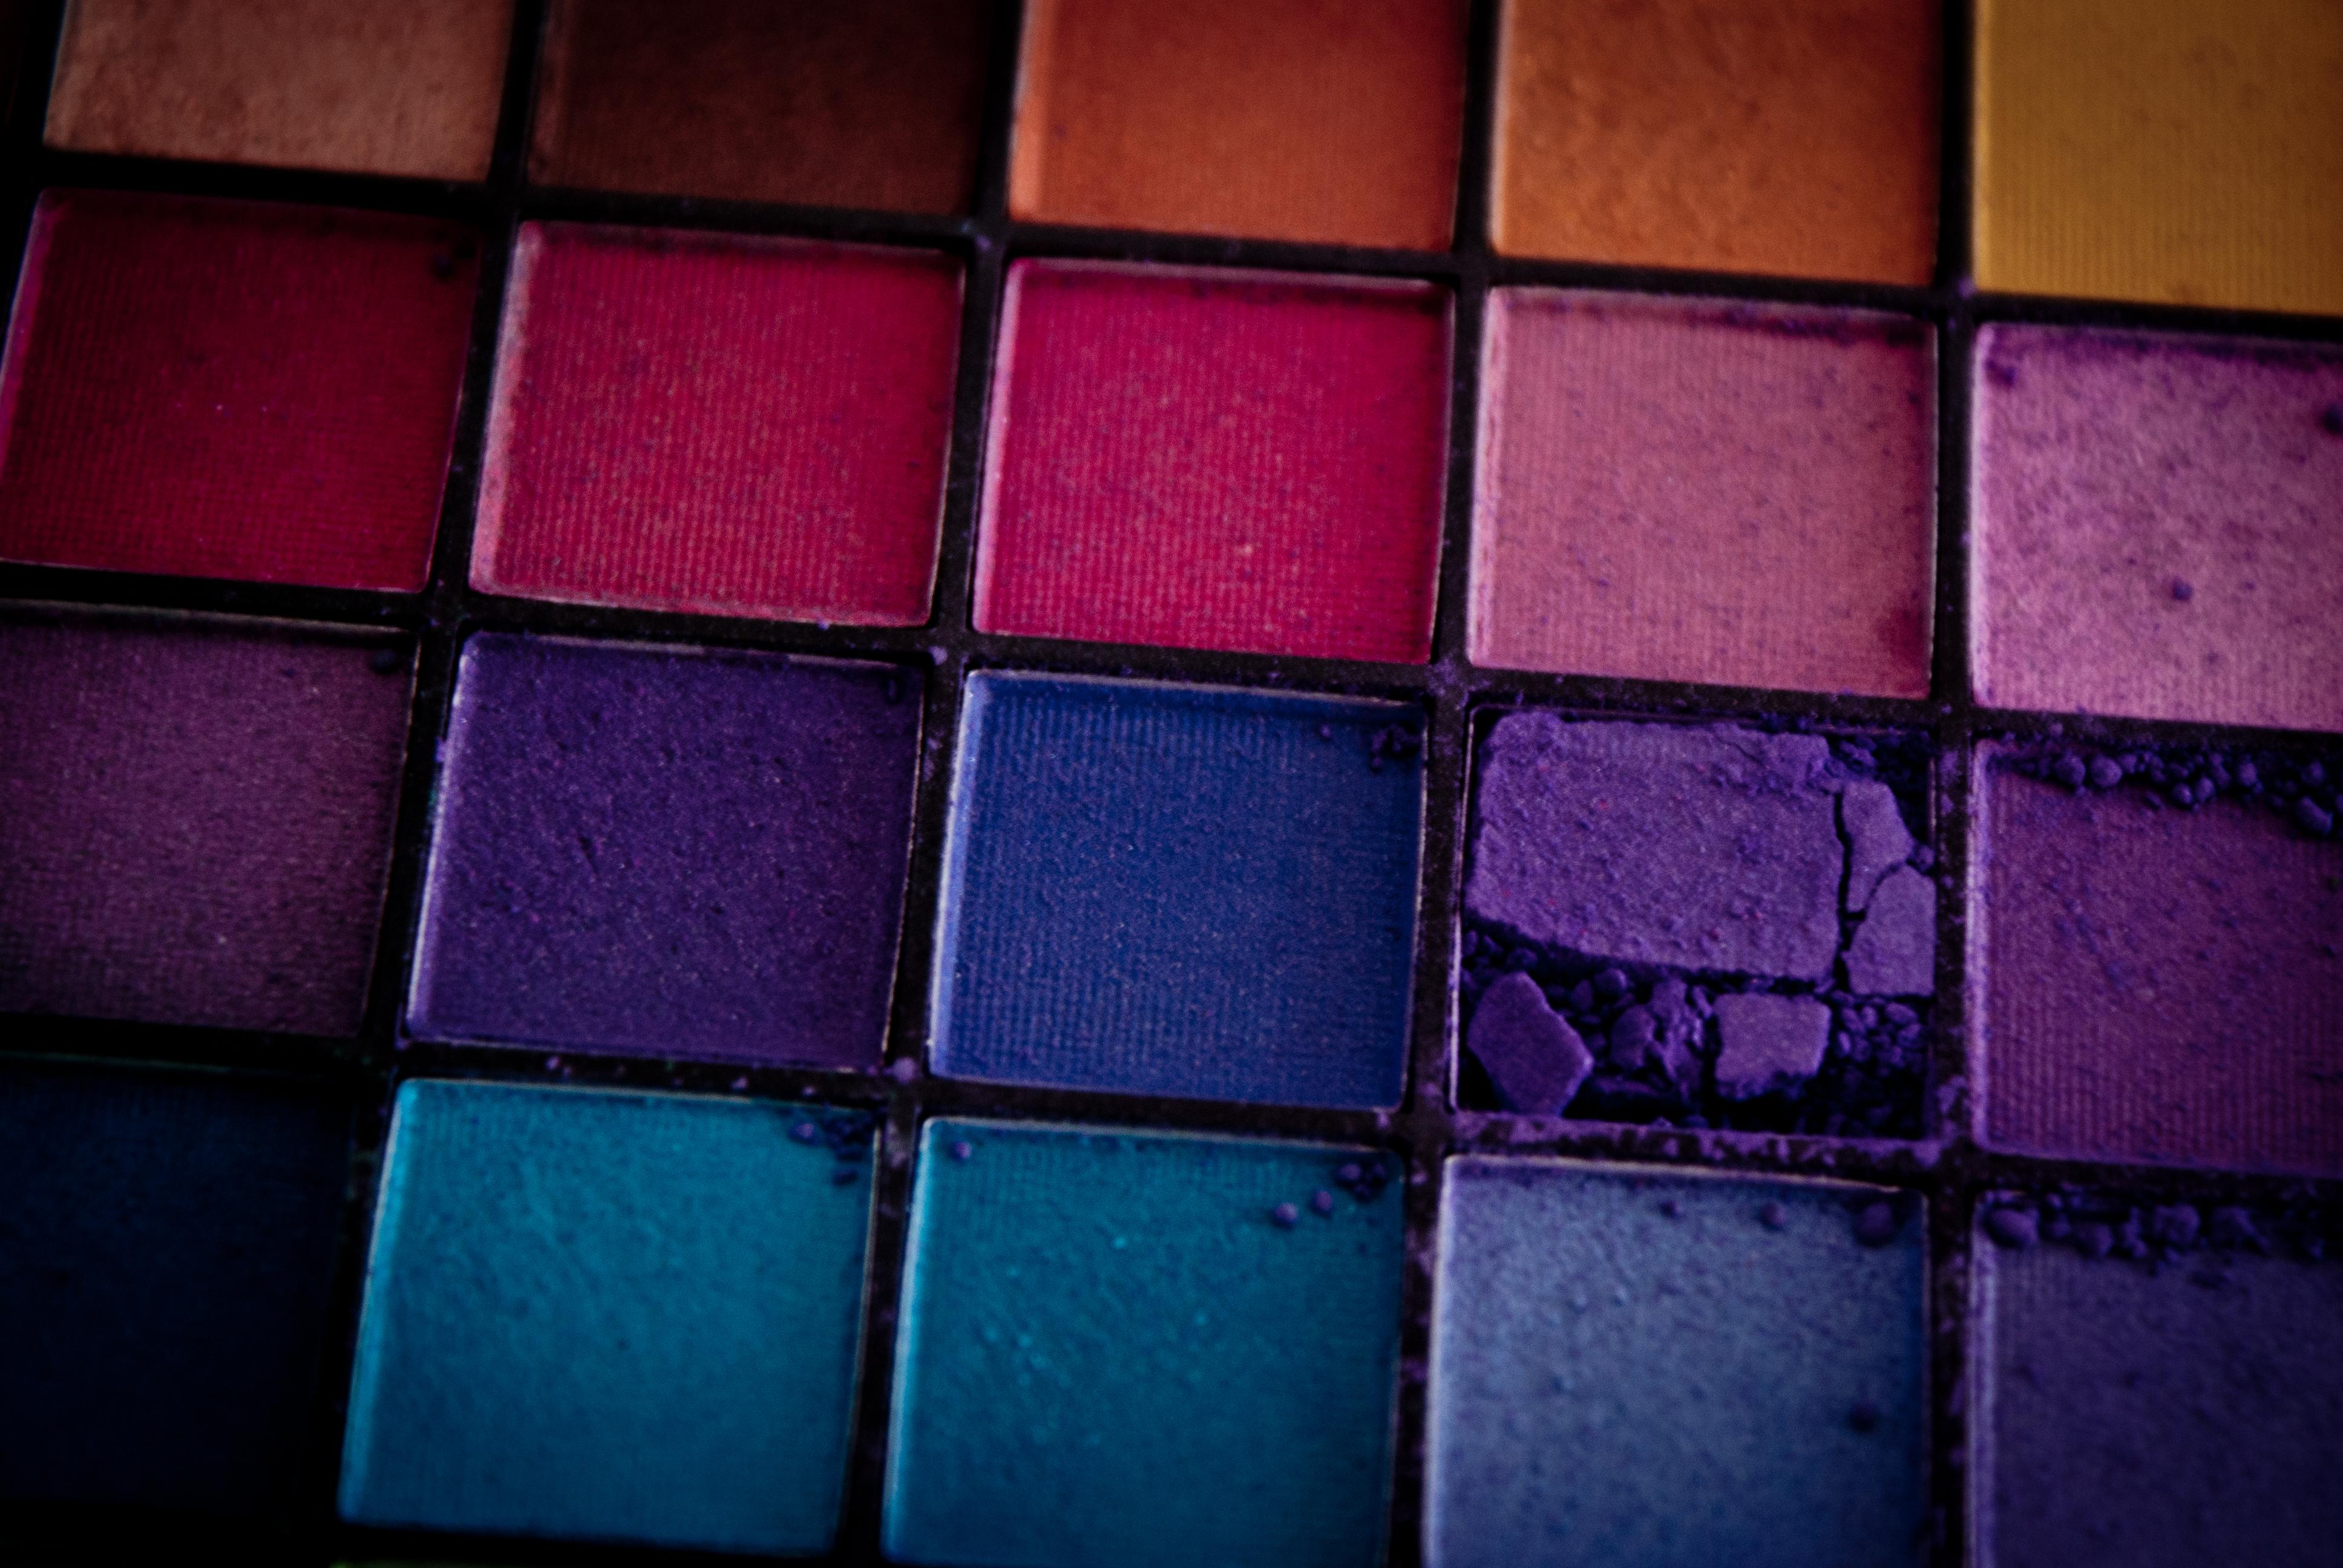 fond d u0026 39  u00e9cran   maquillage  violet  sym u00e9trie  jaune  bleu  mod u00e8le  orange  texture  carr u00e9  rose